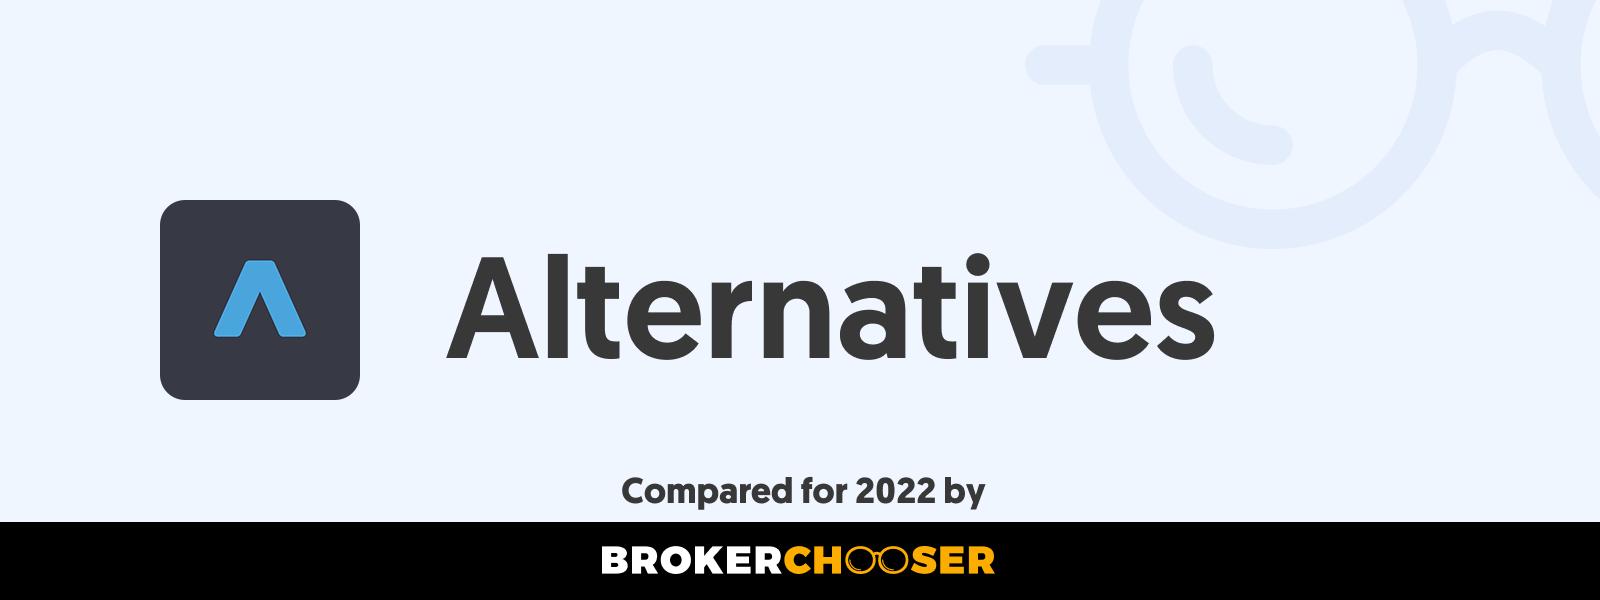 Trading 212 Alternatives